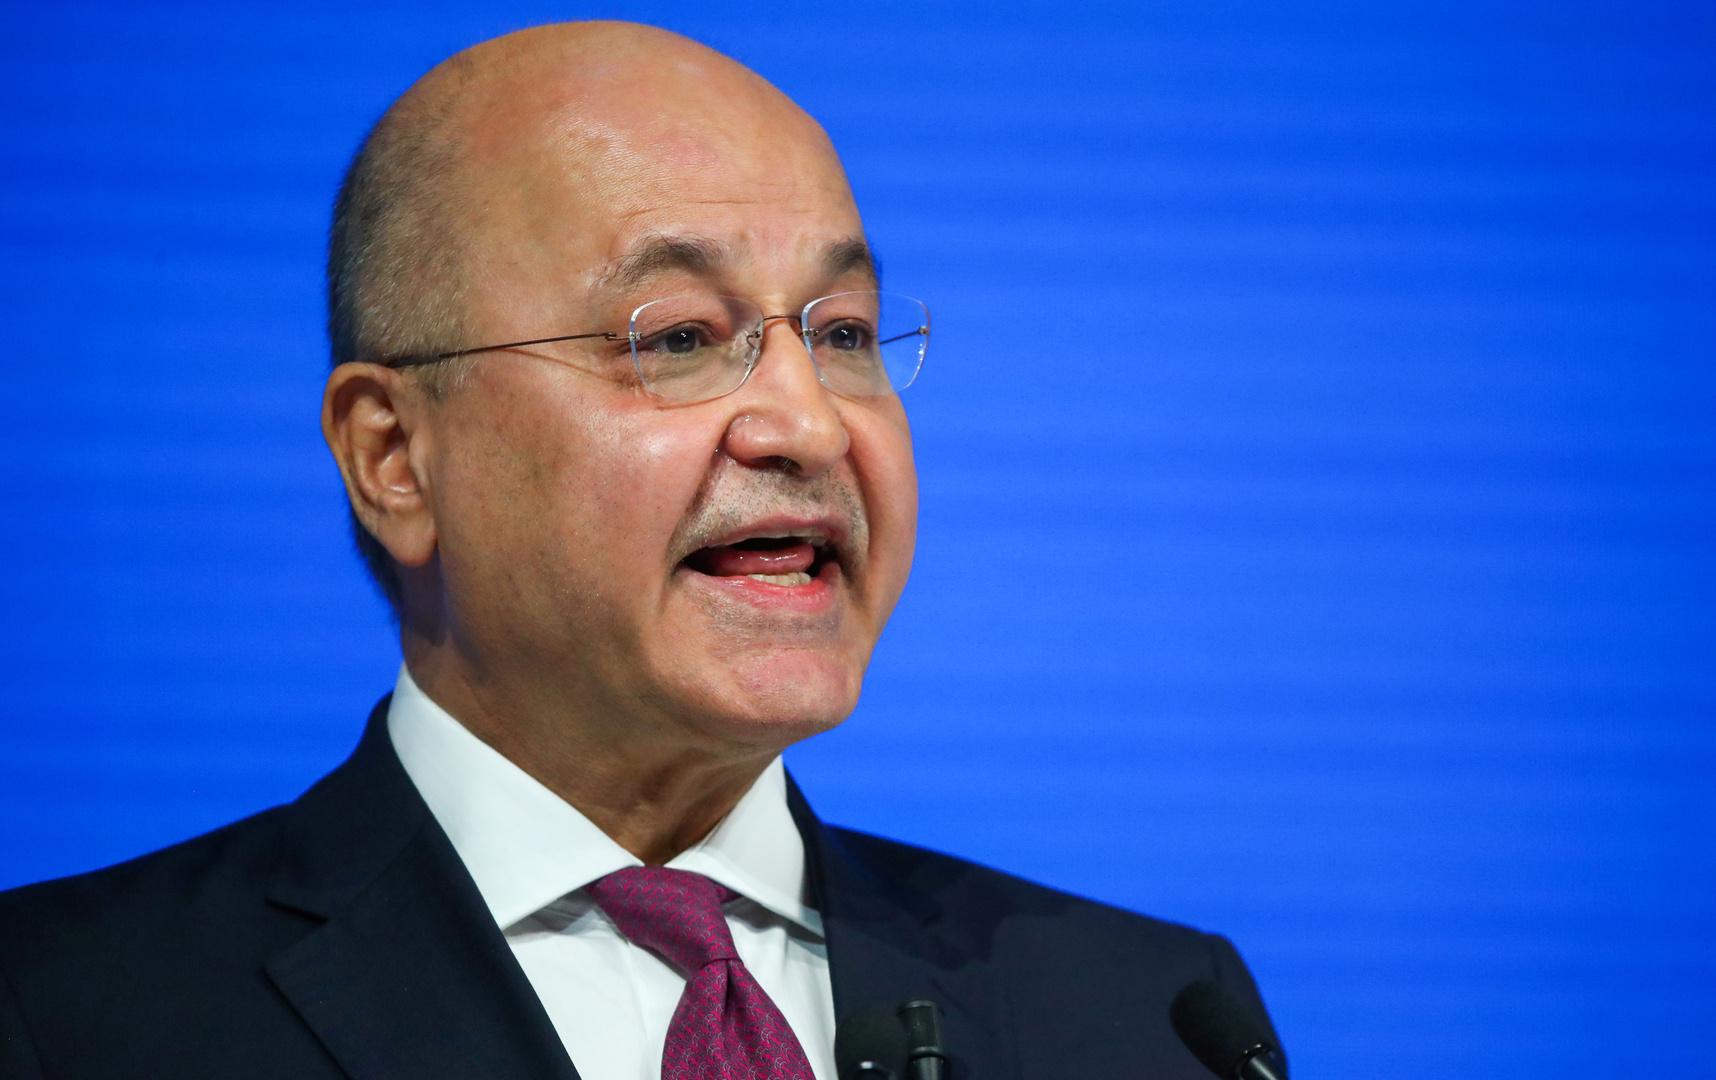 صالح للزرفي: حقق تطلعات العراقيين واعمل على إجراء انتخابات مبكرة